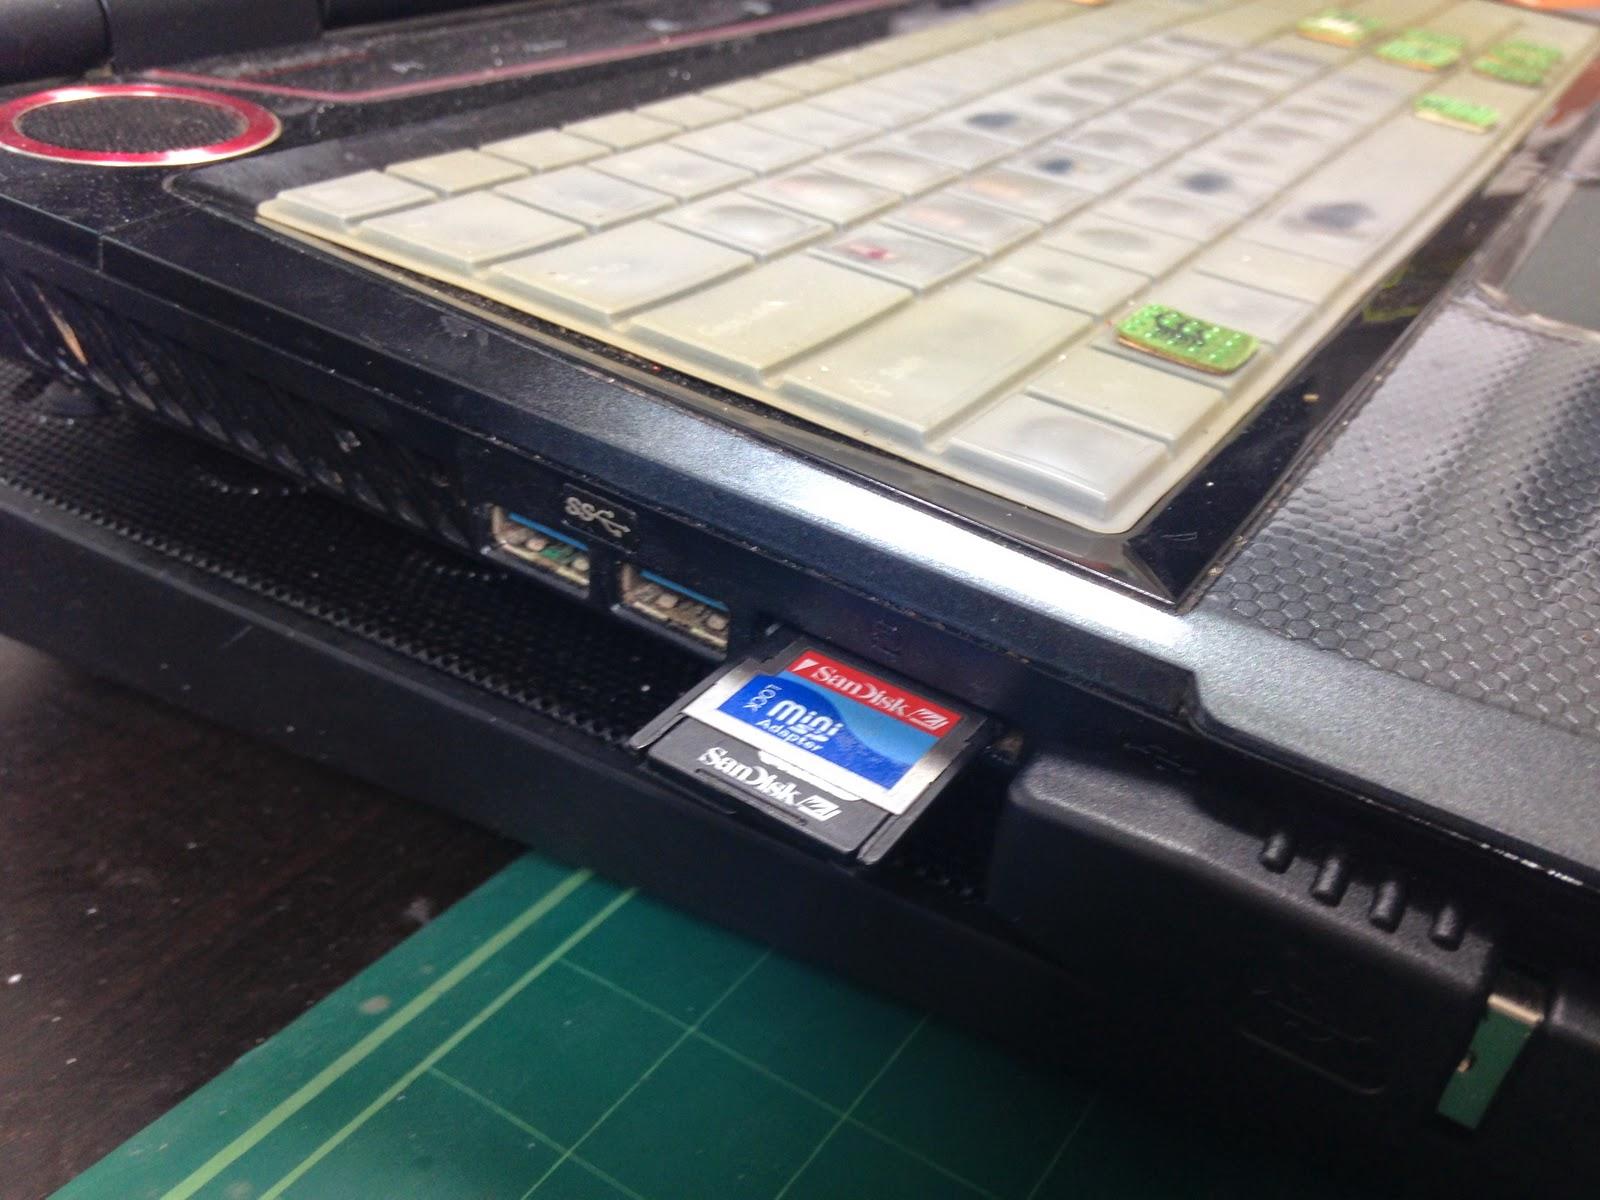 노트북에 내장된 sd-card 리더기